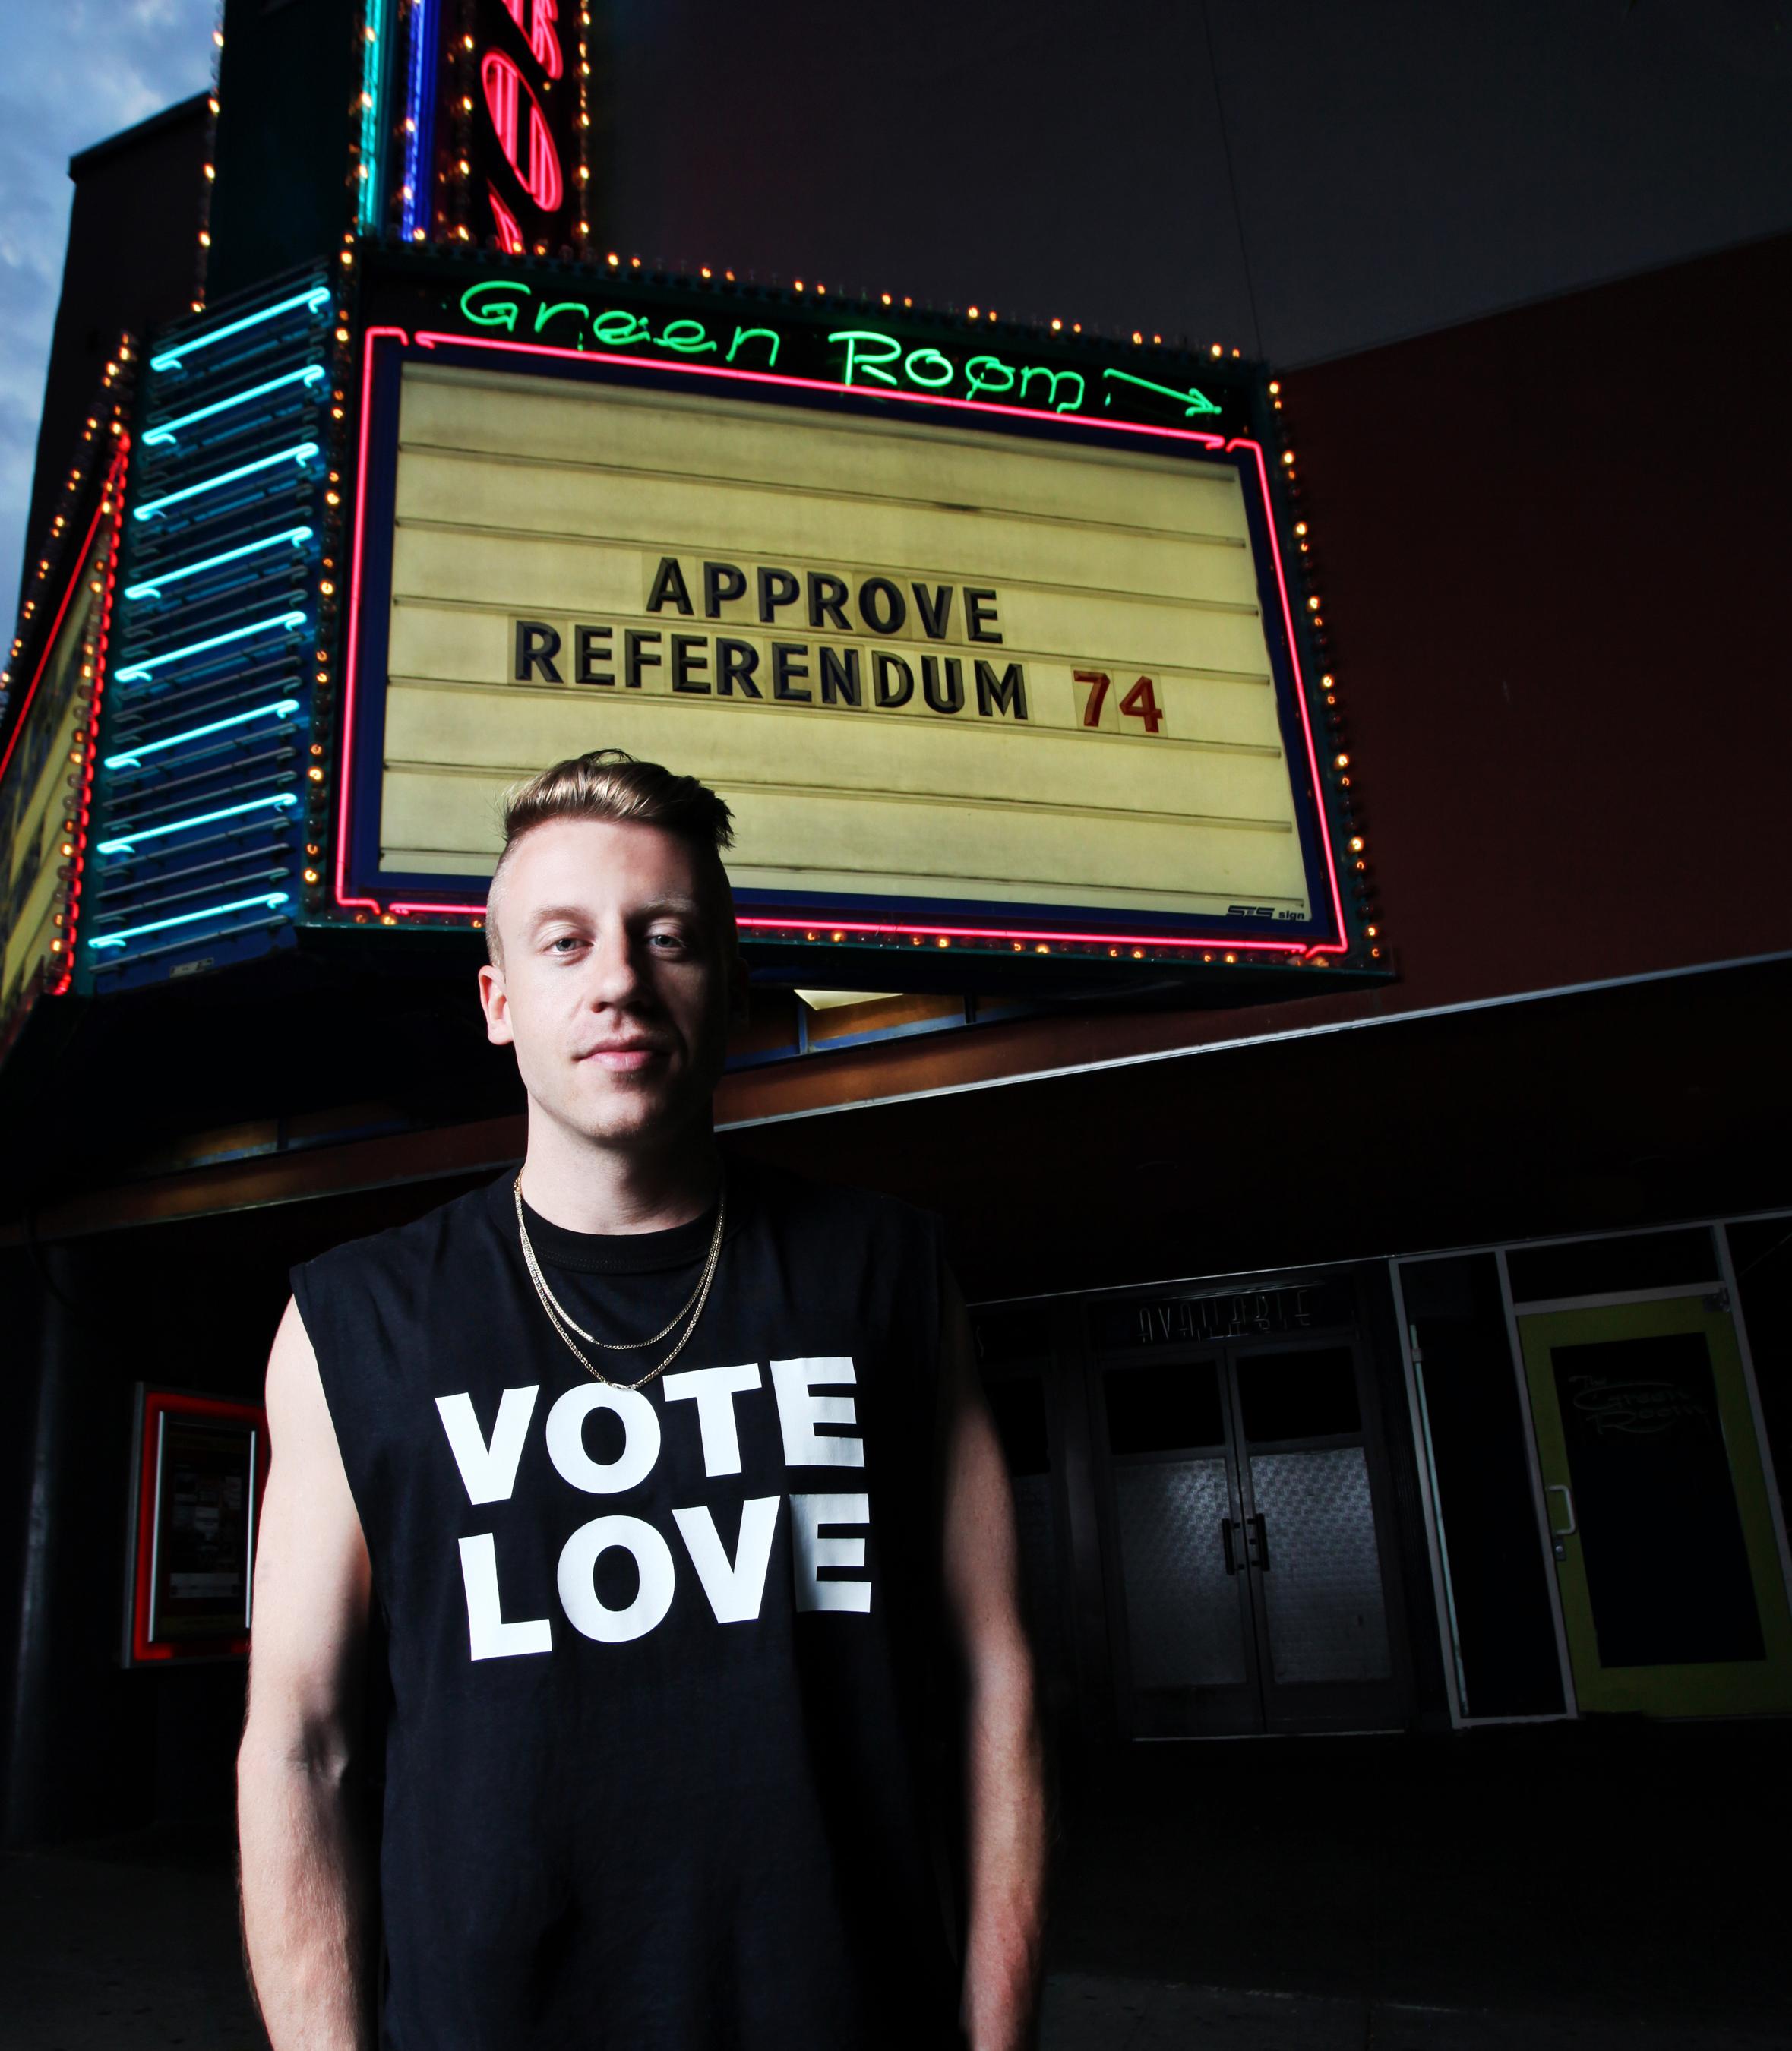 vote love-1.jpg